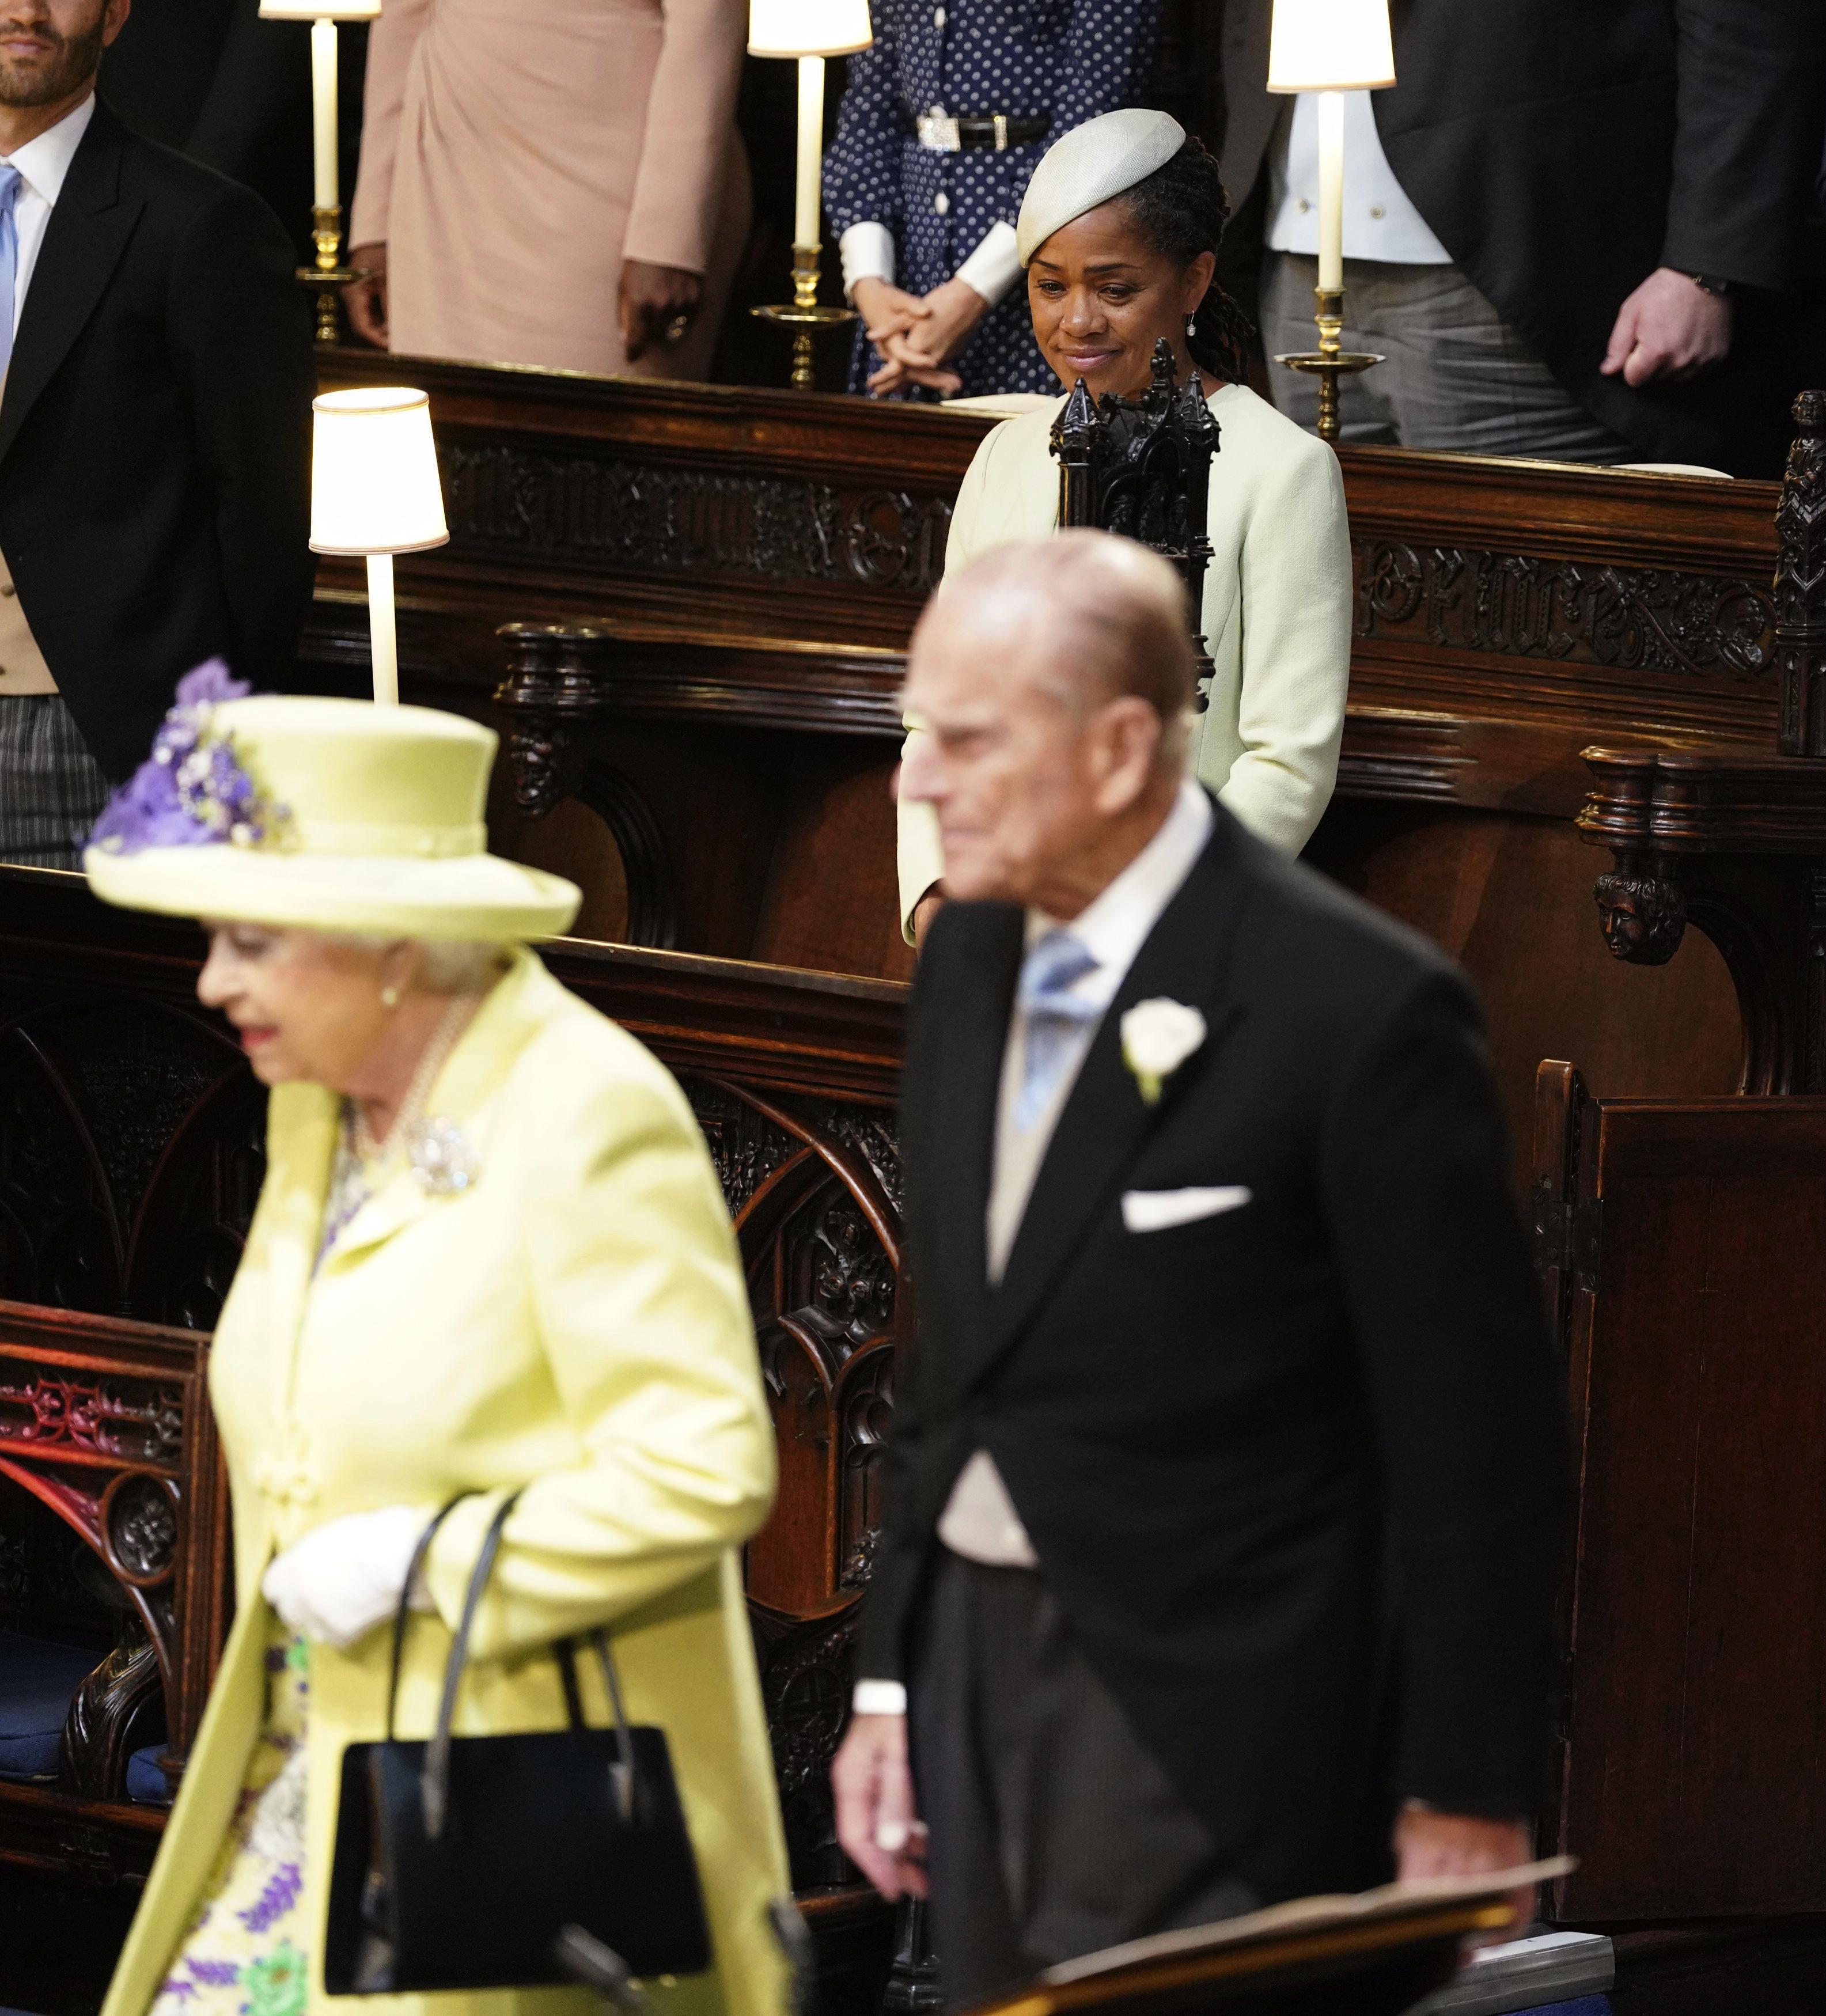 La reina Elizabeth II y su esposo Philip, el duque de Edimburgo, fueron los últimos en llegar a la capilla como marca el protocolo real. (Foto: AP)